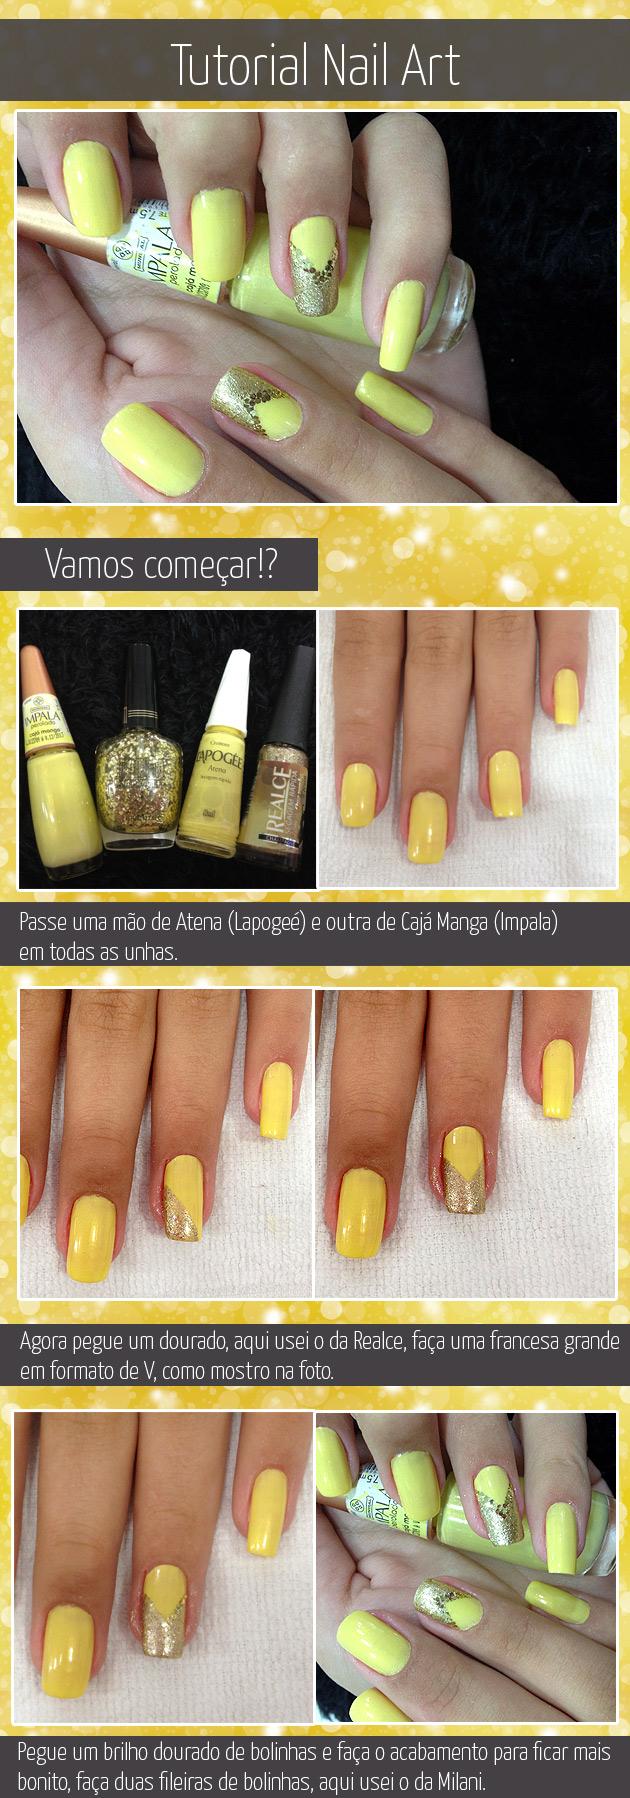 Tutorial Nail Art - Unha Decorada em amarelo e com brilho e dourado